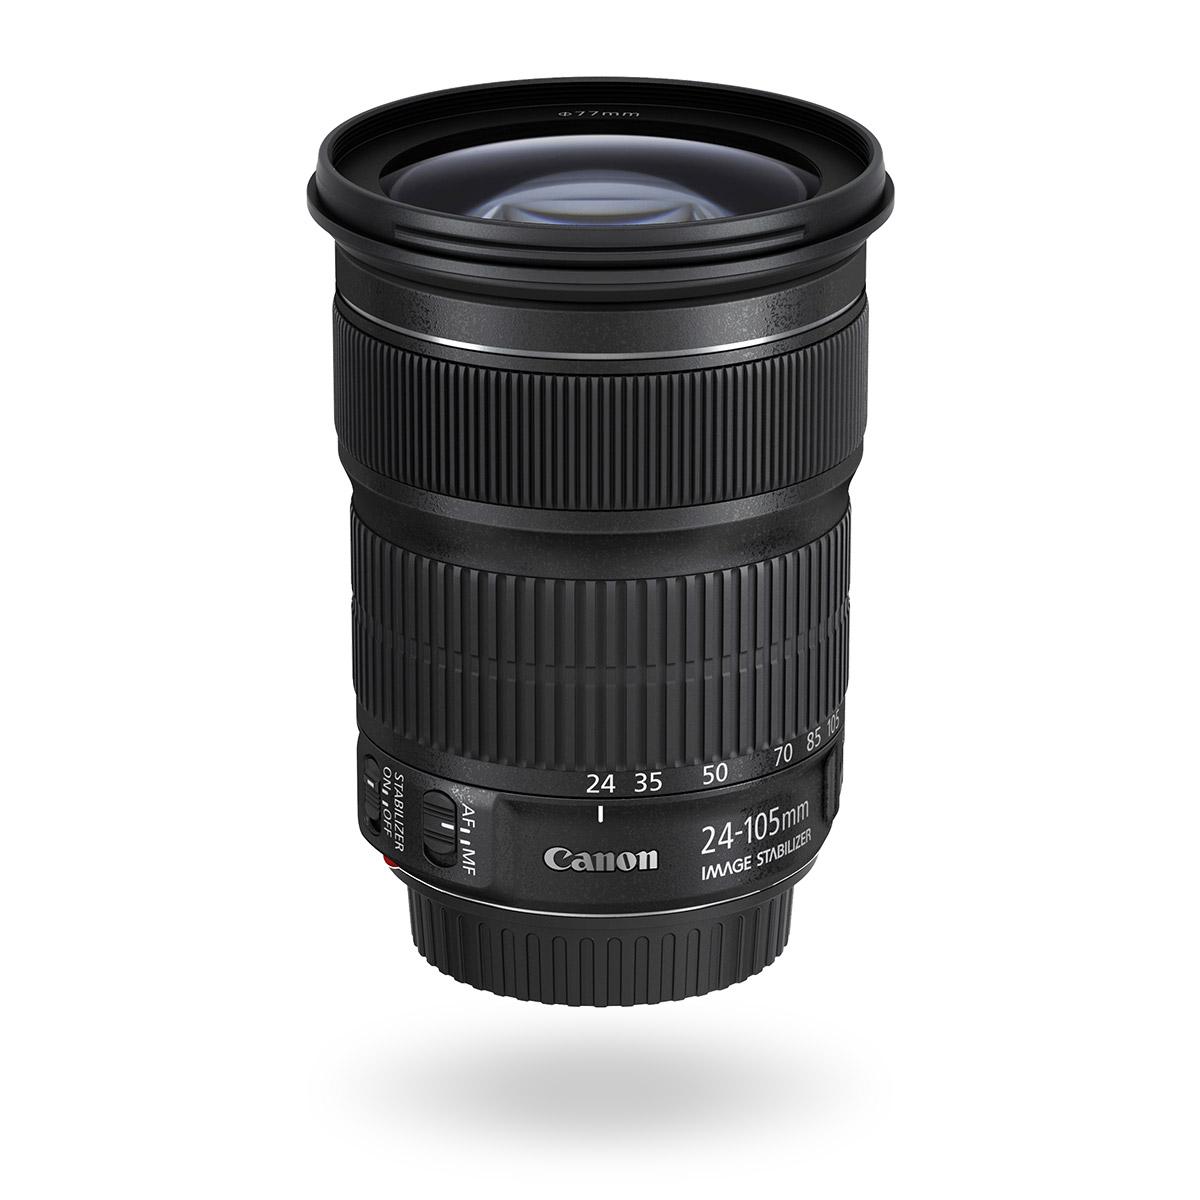 EF 24-105mm f/3.5-5.6 IS STM lens